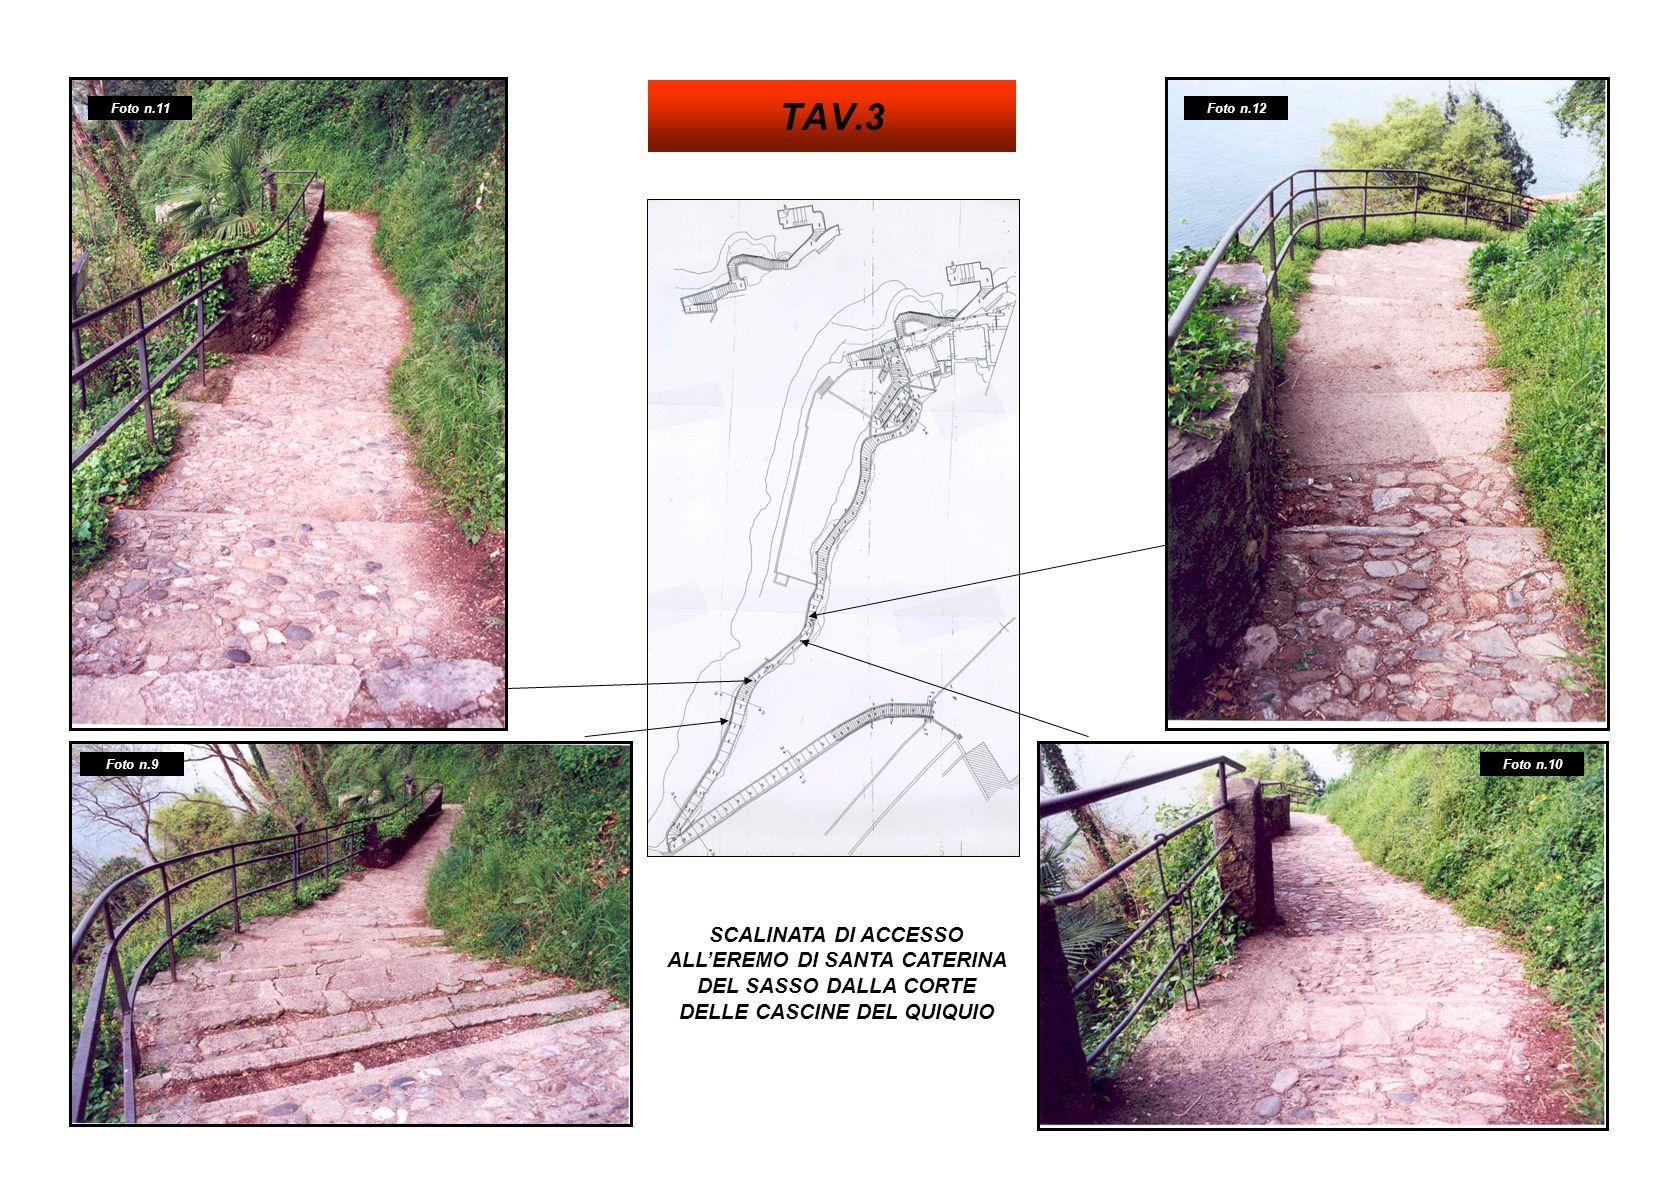 SCALINATA DI ACCESSO ALLEREMO DI SANTA CATERINA DEL SASSO DALLA CORTE DELLE CASCINE DEL QUIQUIO Foto n.14 Foto n.16Foto n.13 Foto n.15 TAV.4